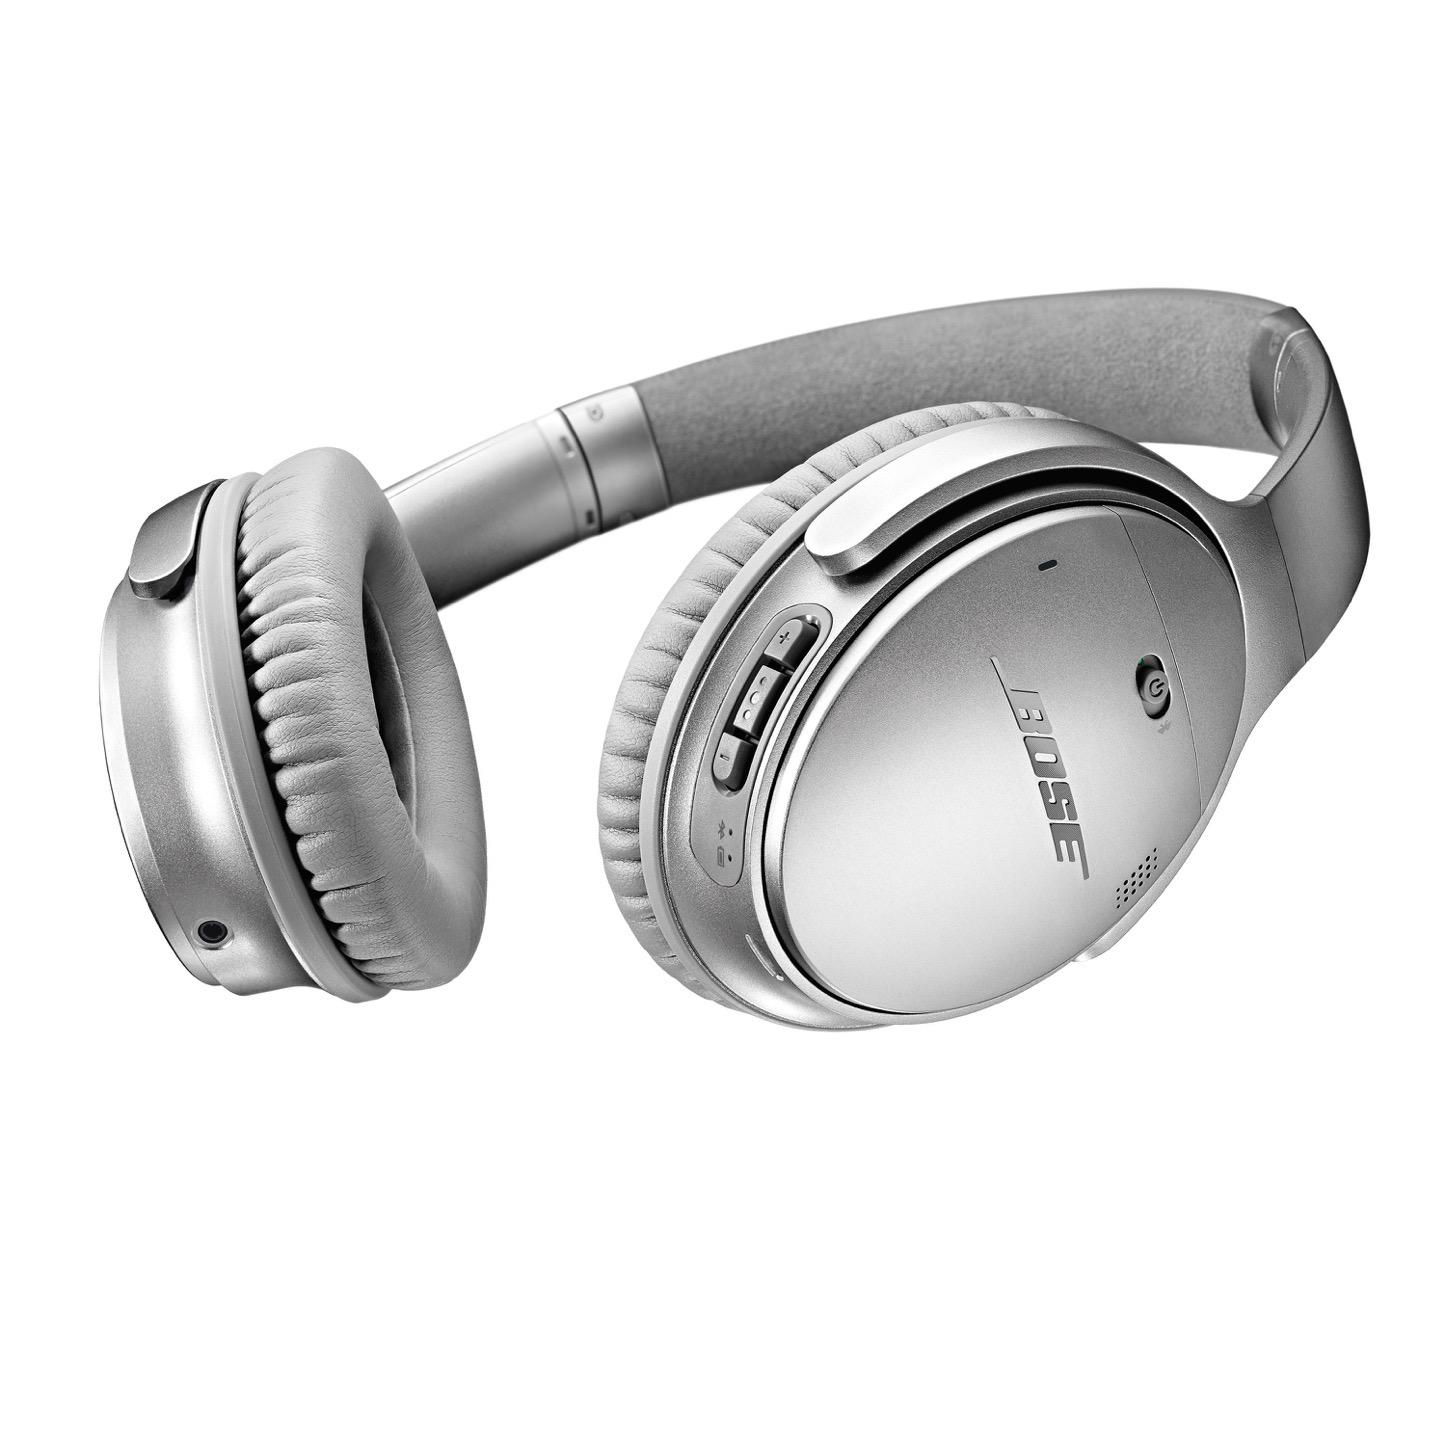 Bose-Wireless-Headphone-2016-02.jpg